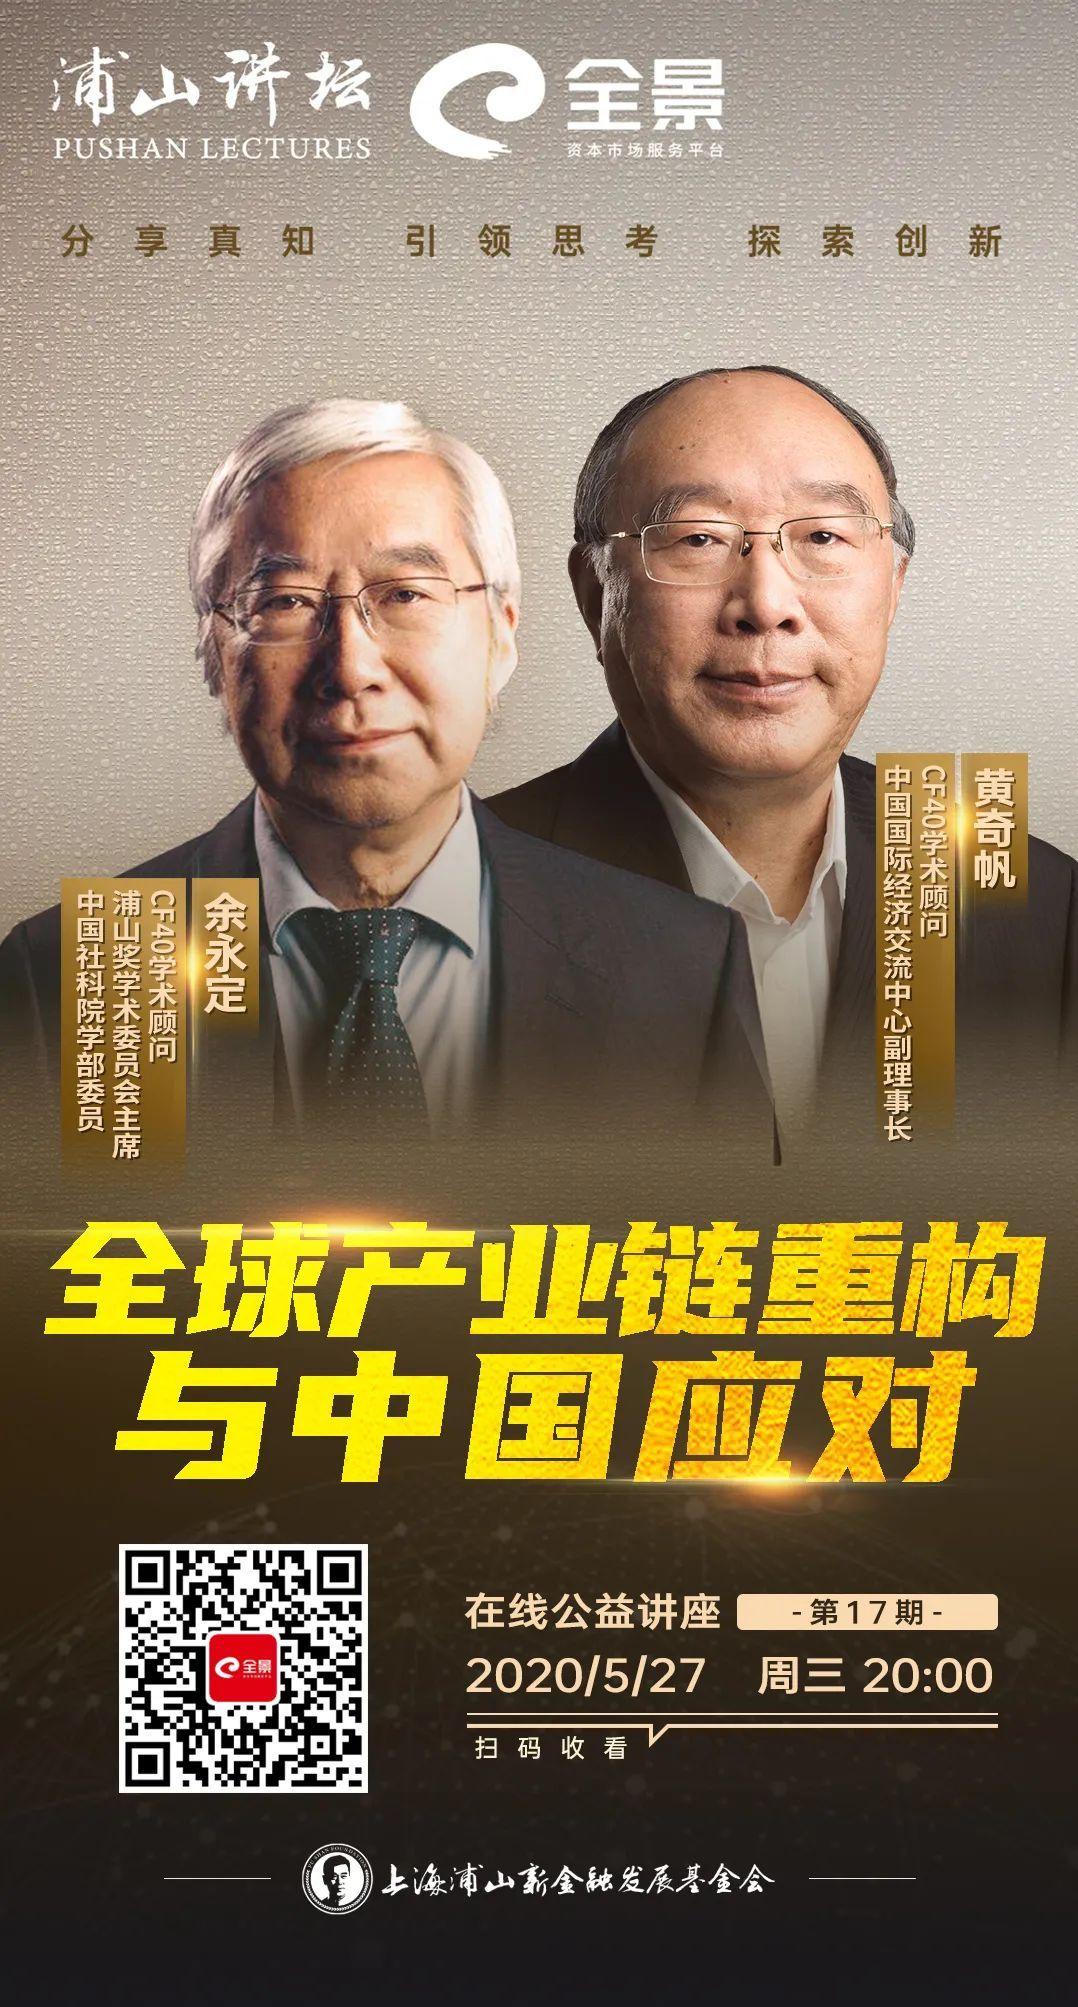 信息量巨大!黄奇帆警告:外资企业如果撤出中国,等于丢弃70%市场份额